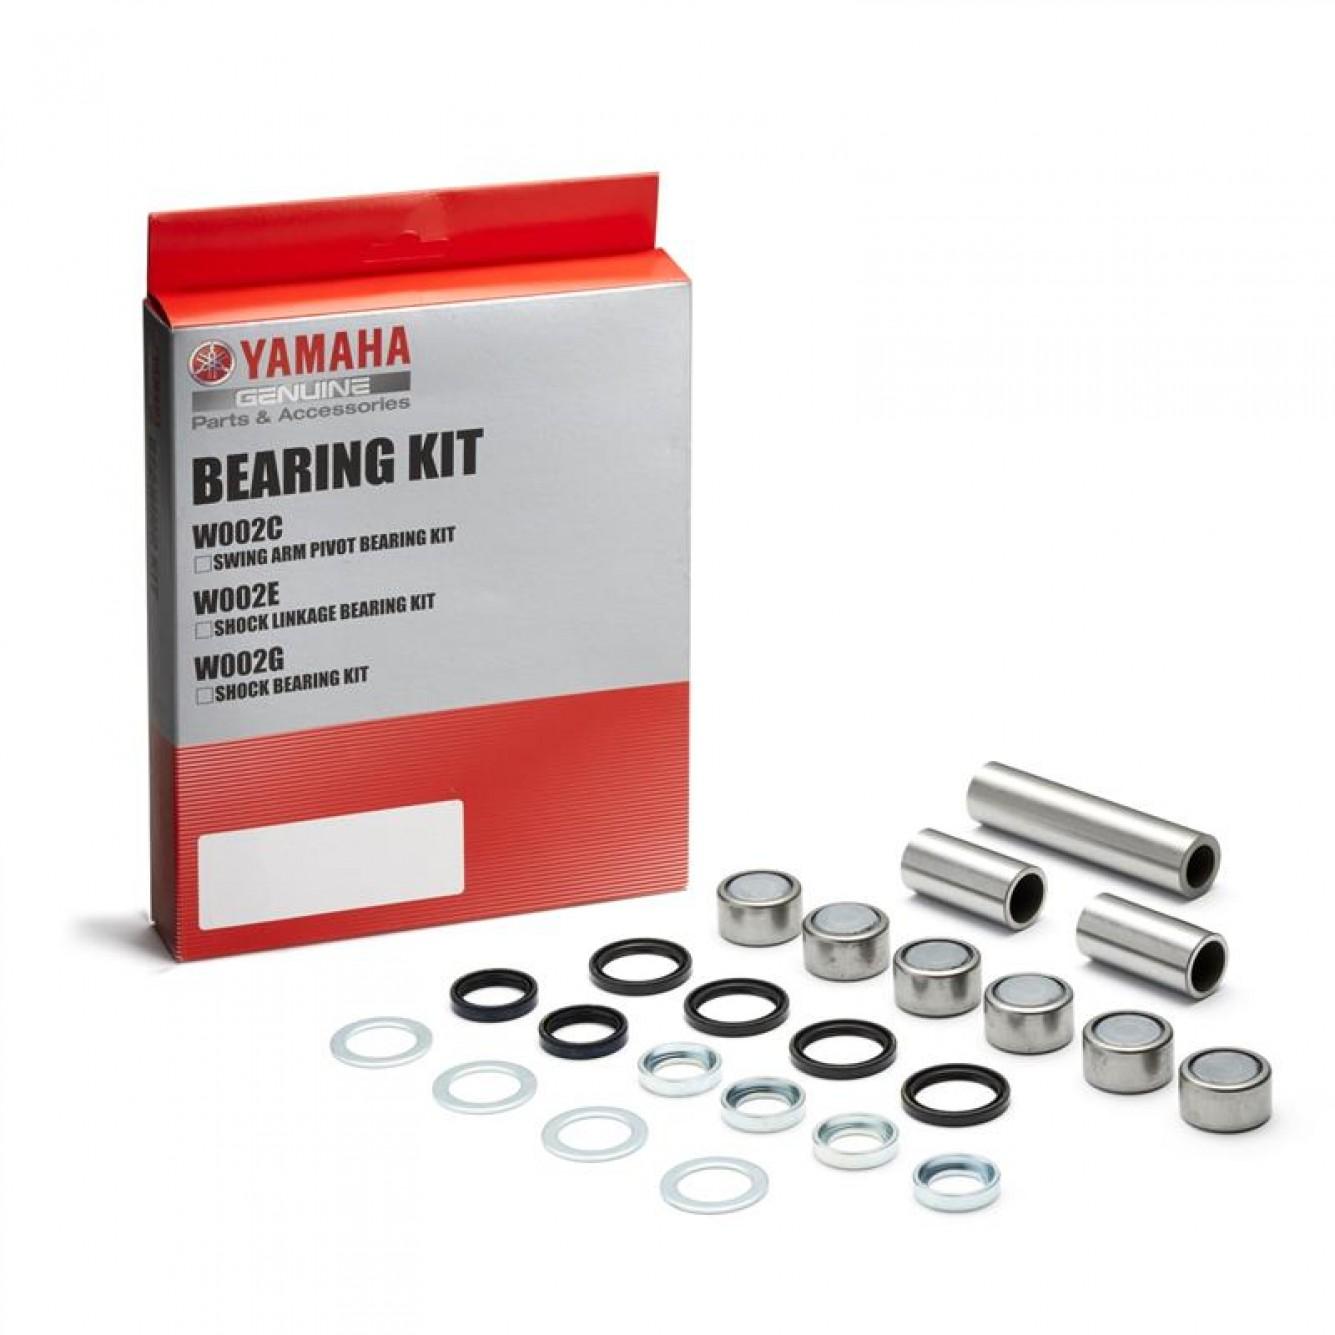 Yamaha | GYTR lagerset voor het schokdemper-linksysteem